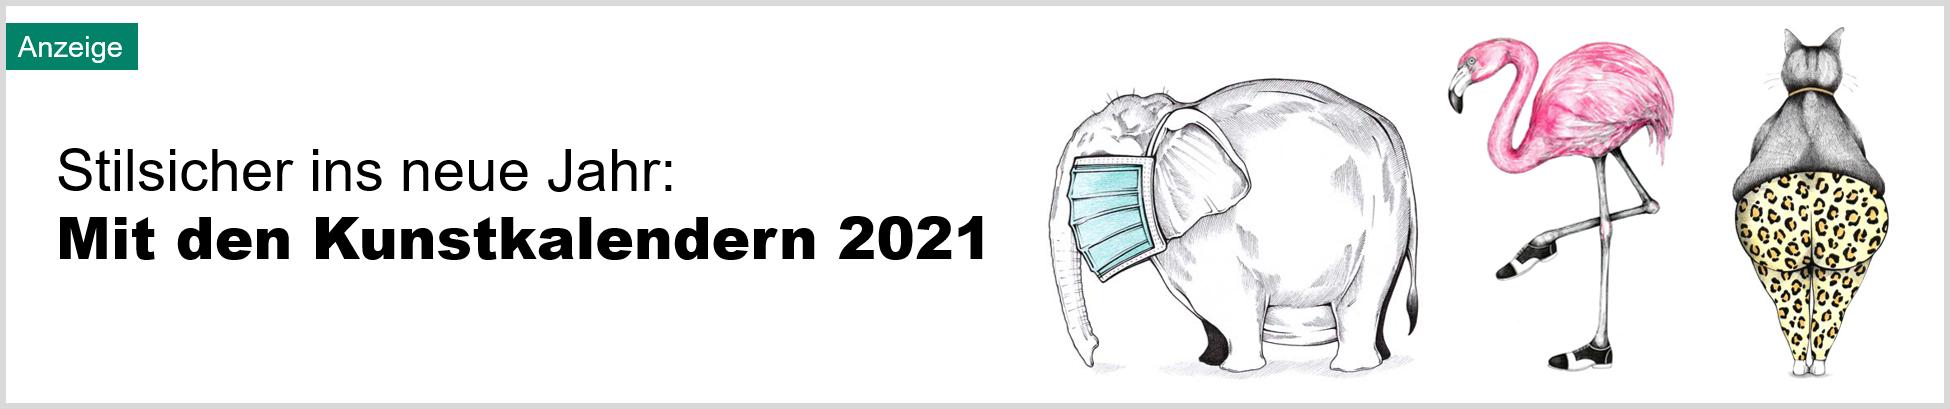 Kunst Kalender 2022